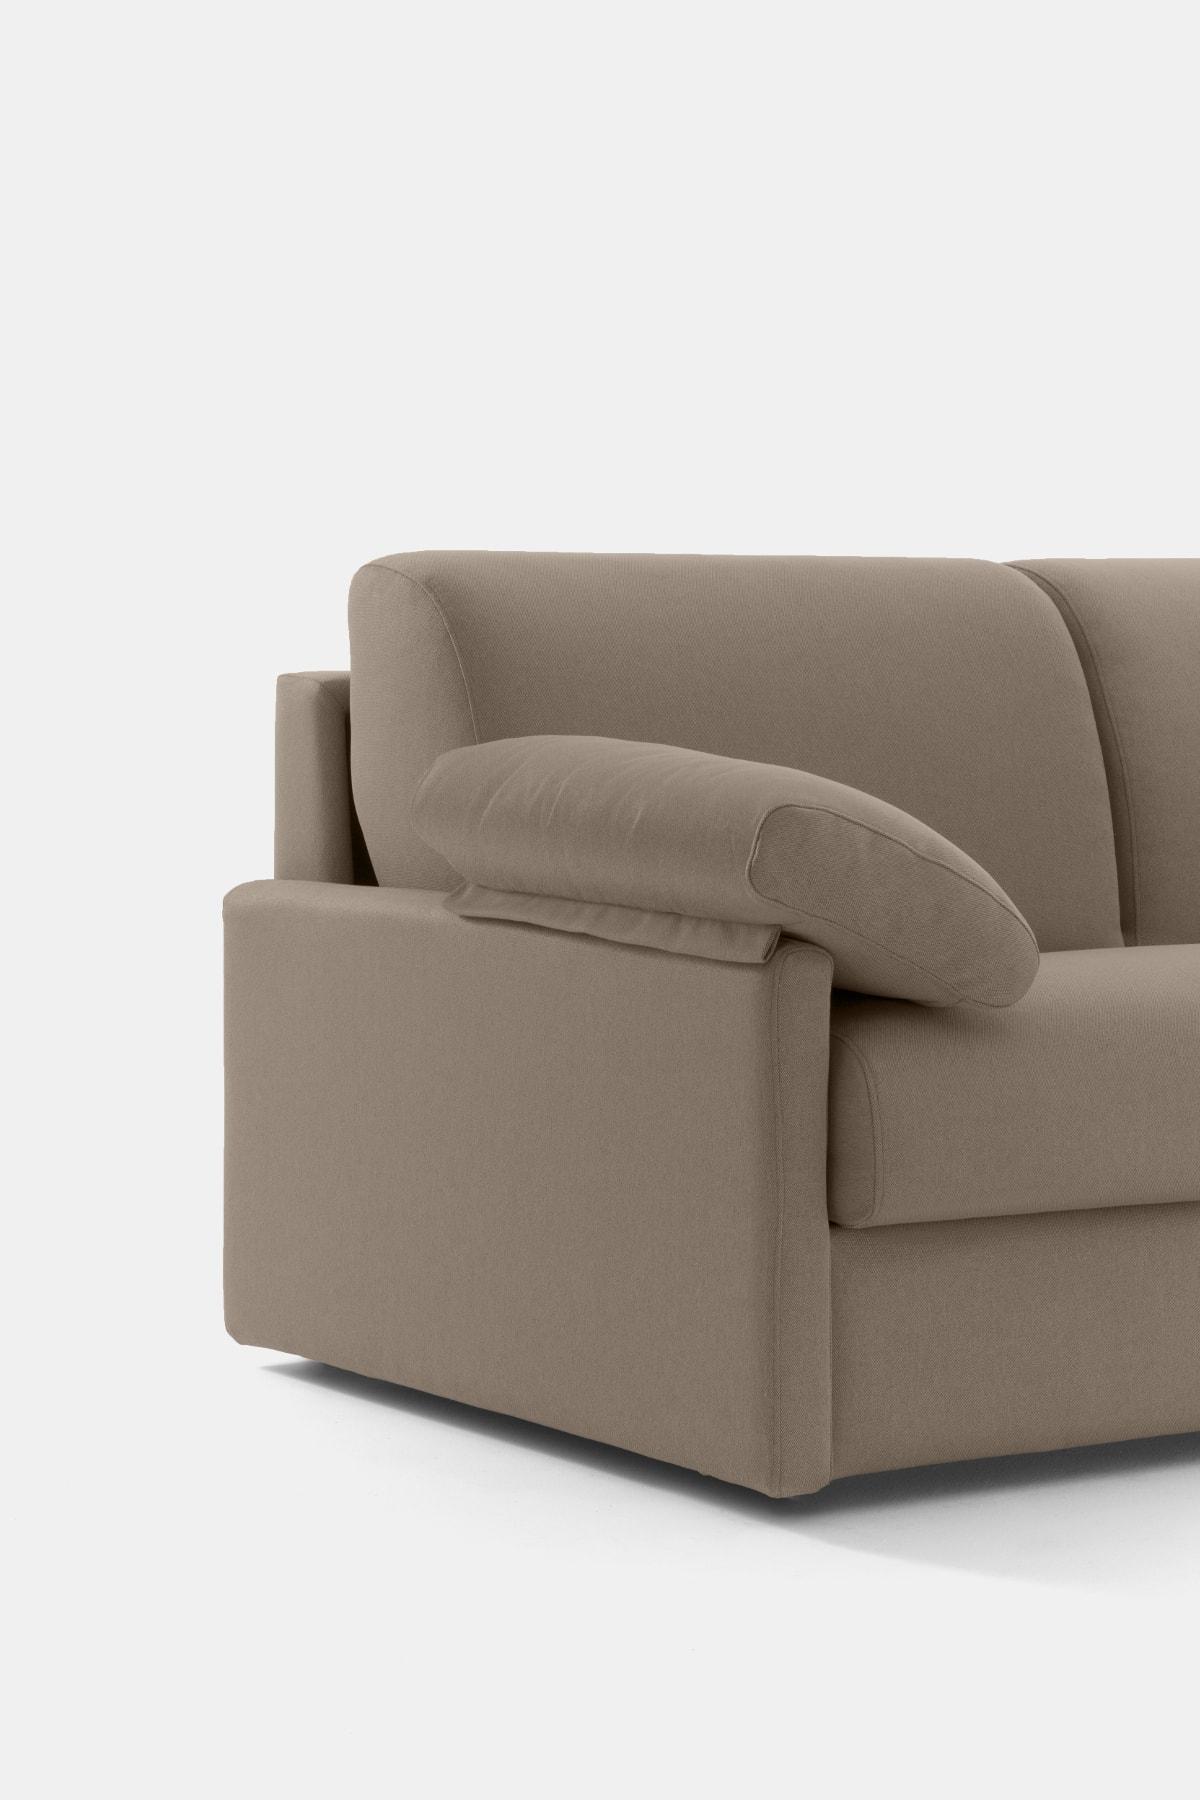 Divano letto pegaso di gienne scontato divani a prezzi for Divano letto kasanova